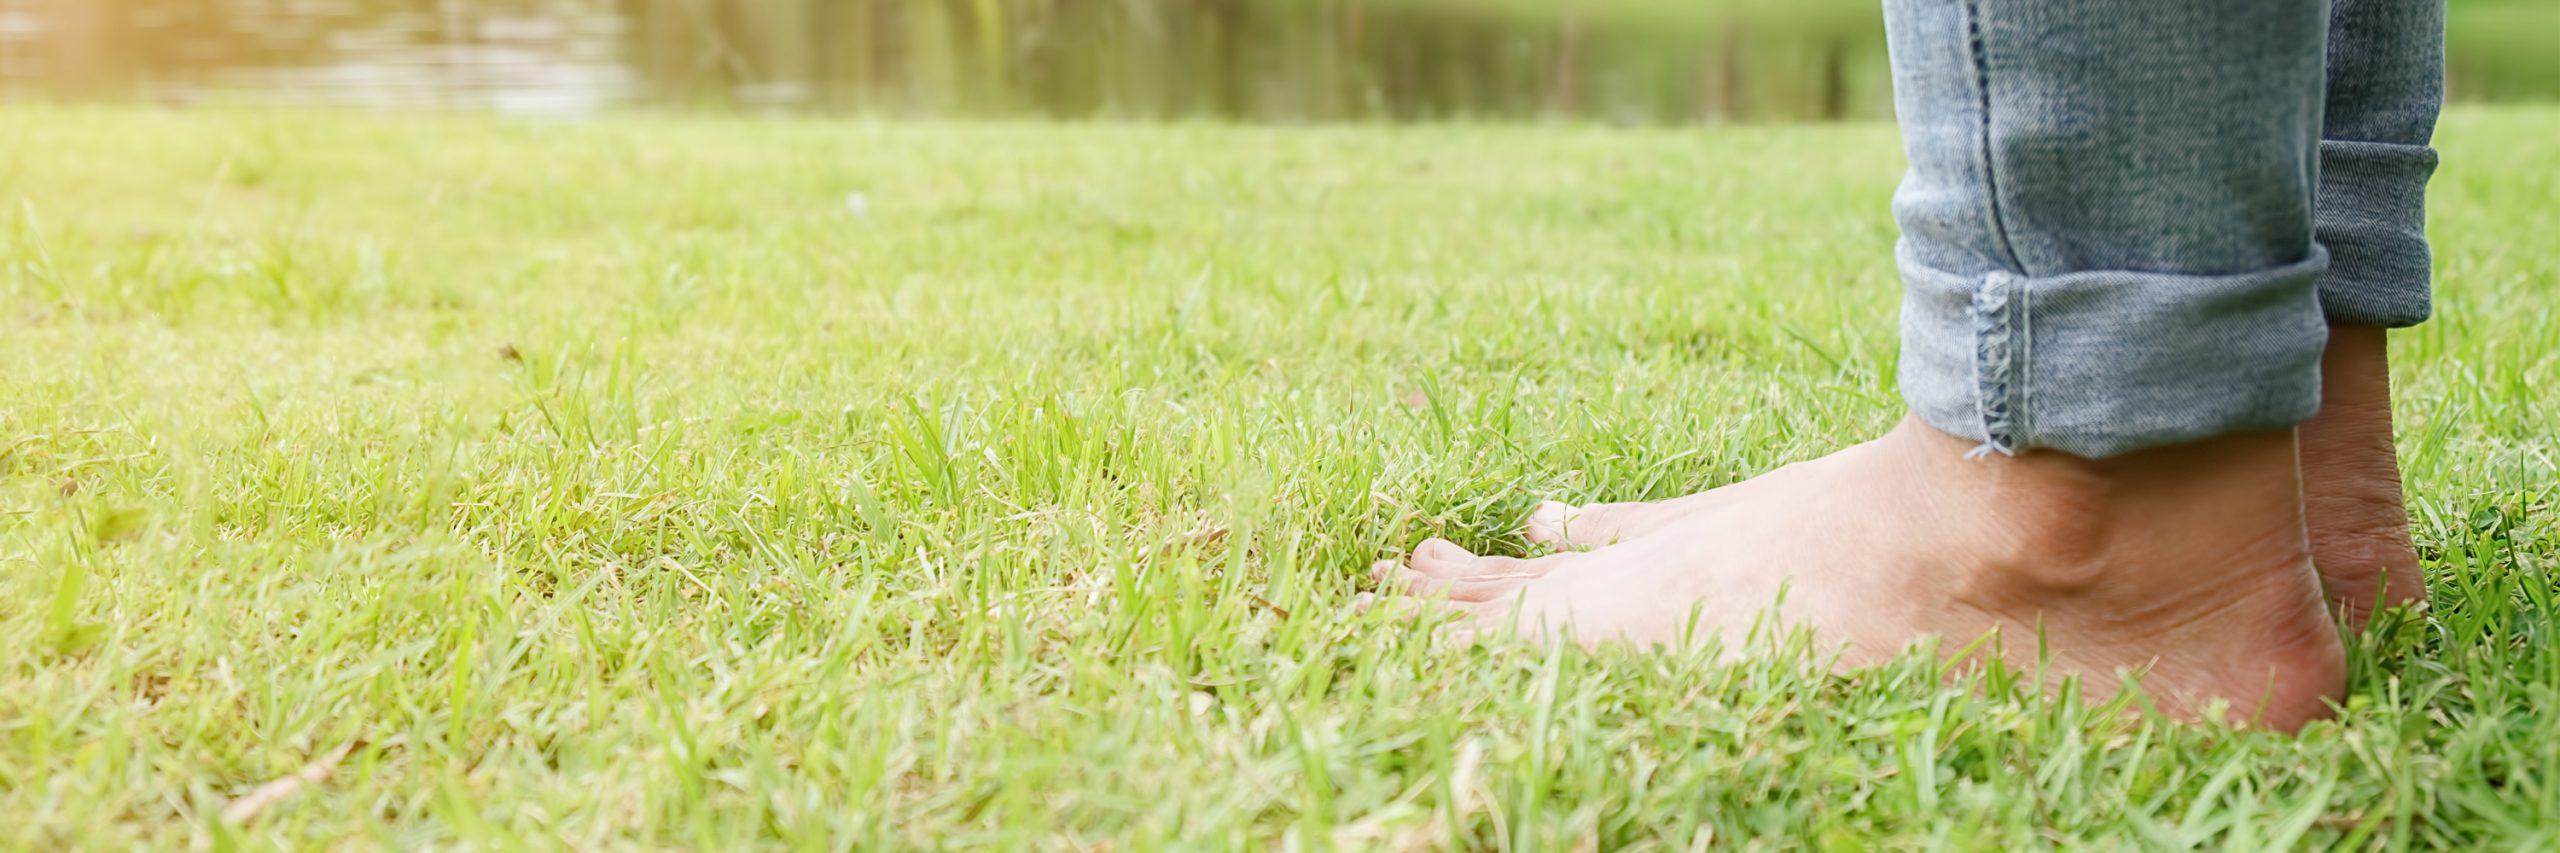 Tire teus sapatos e caminhe sobre o solo